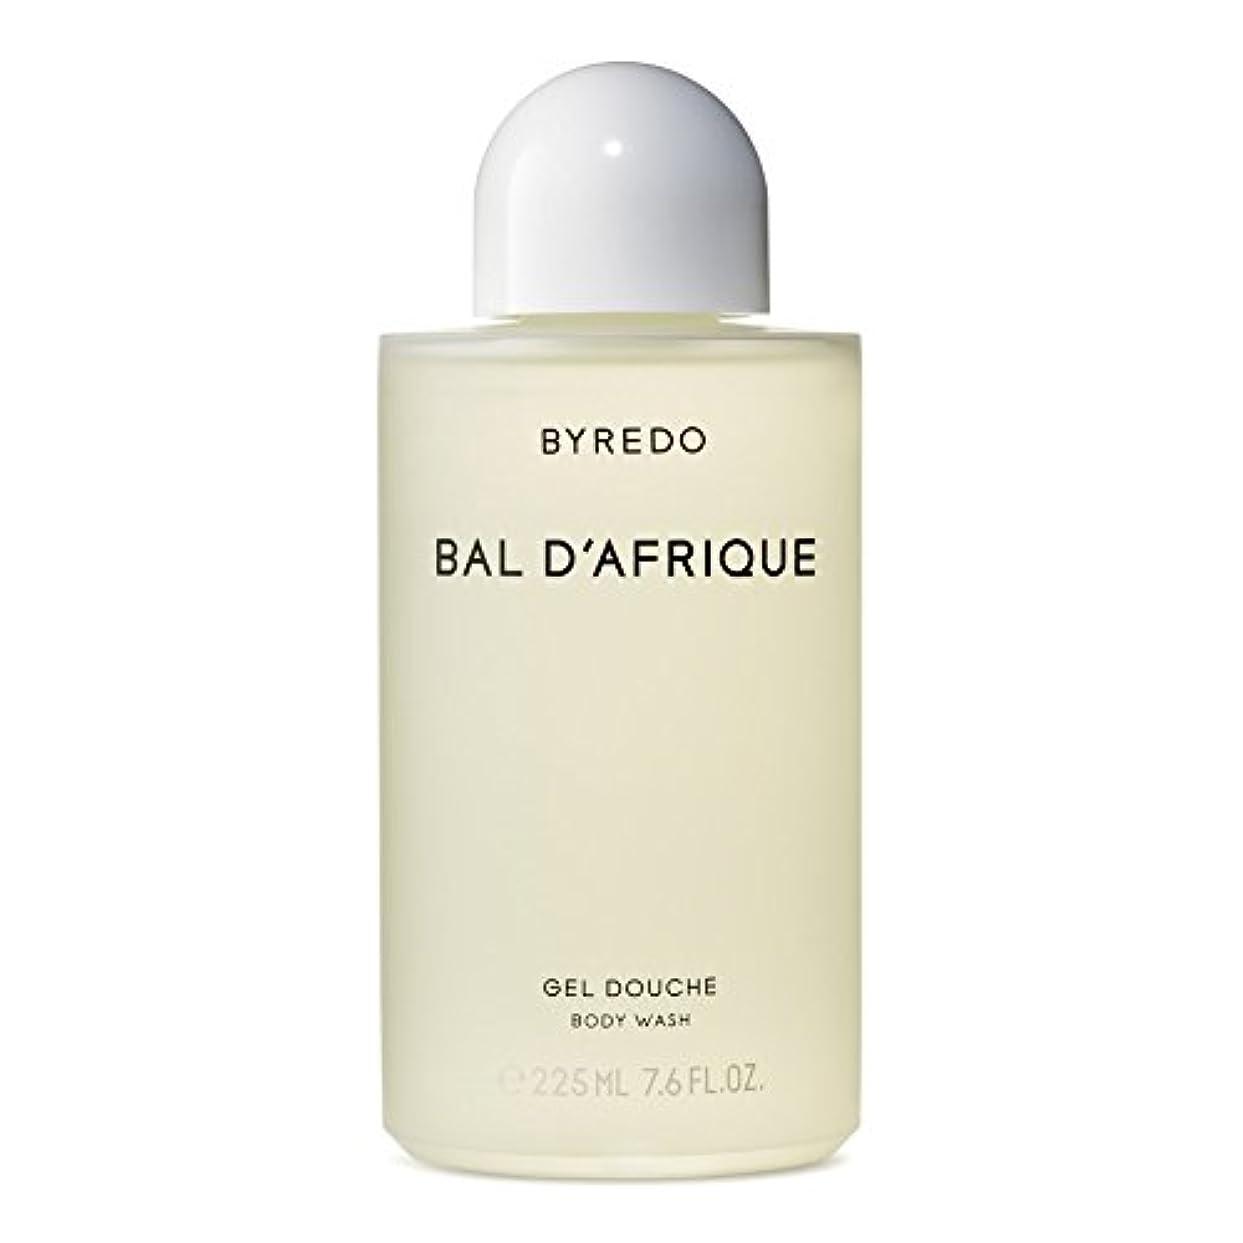 中に不振自発Byredo Bal d'Afrique Body Wash 225ml - 'のボディウォッシュ225ミリリットル [並行輸入品]